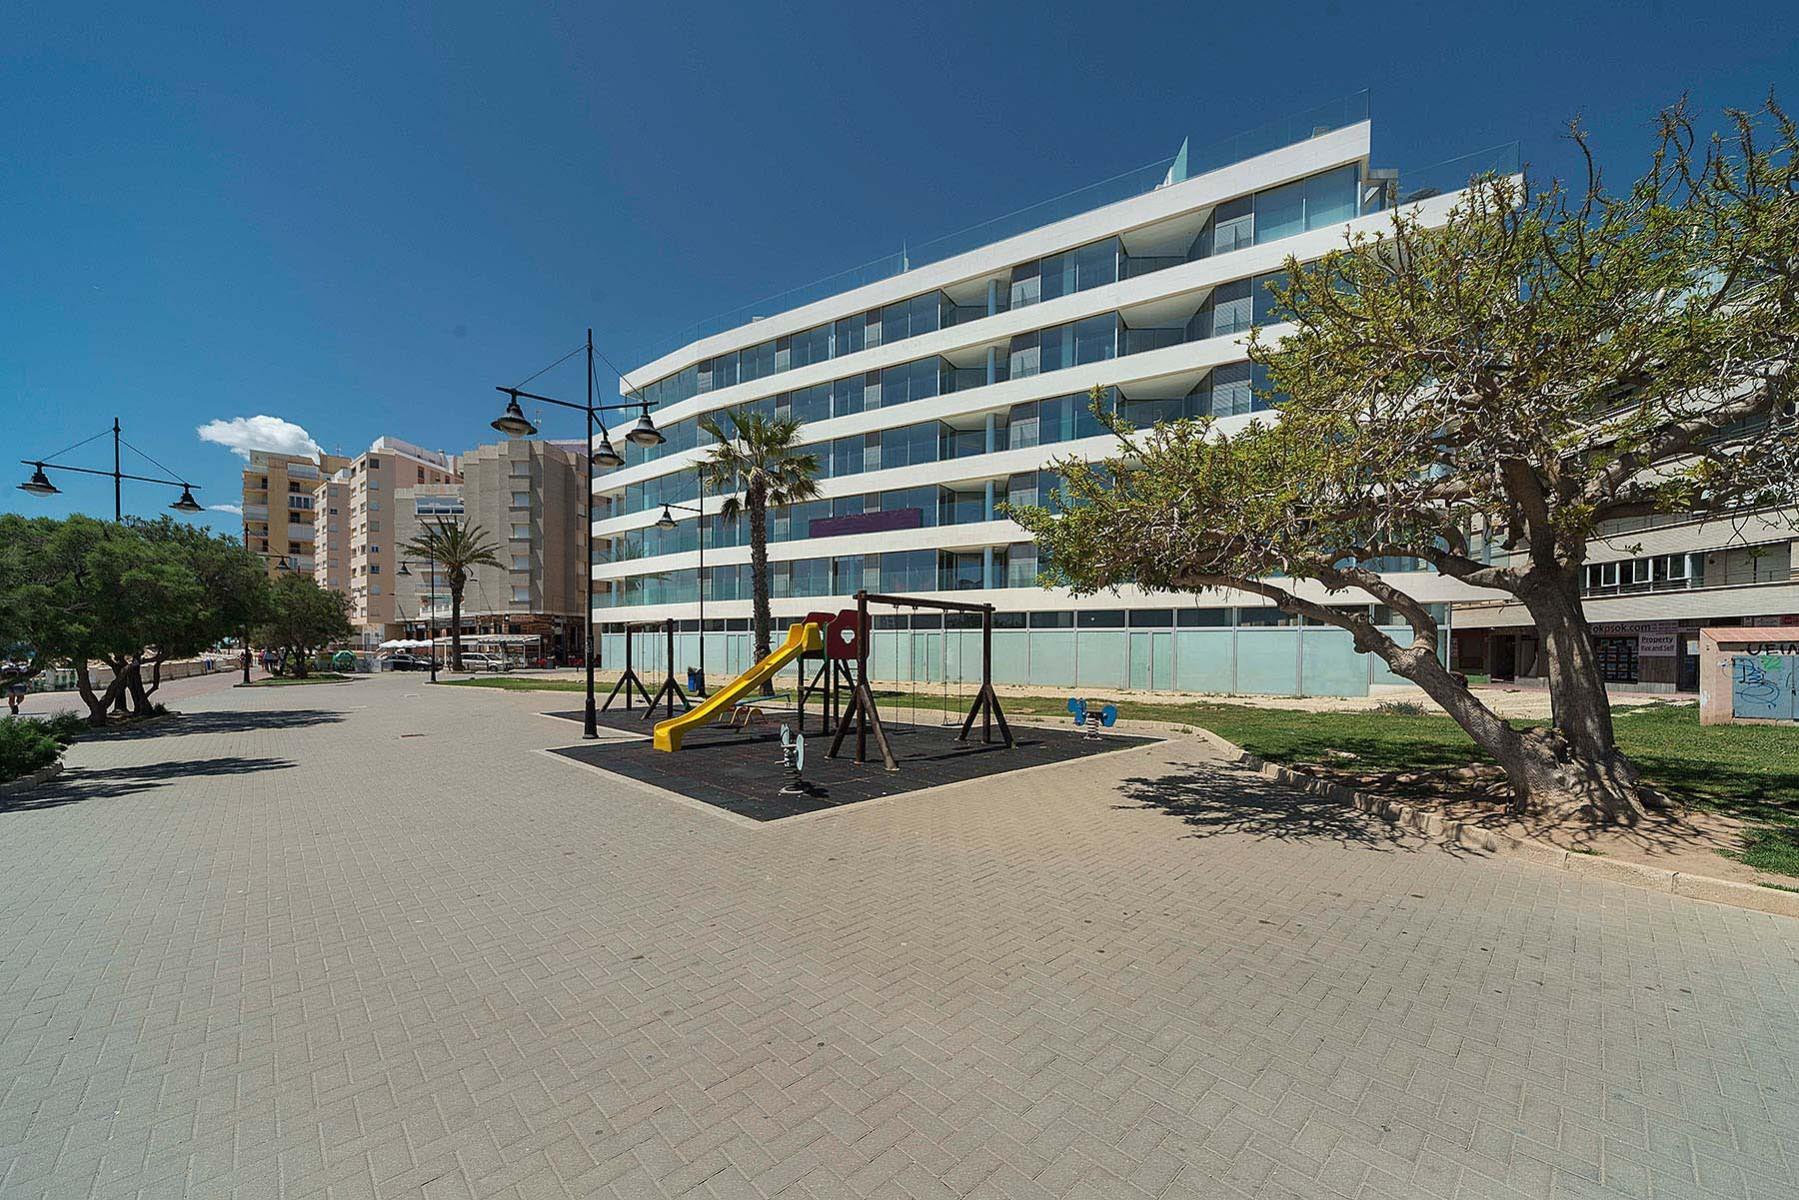 Фотогалерея Апартаменты в Торревьеха, 3+1, 4+1